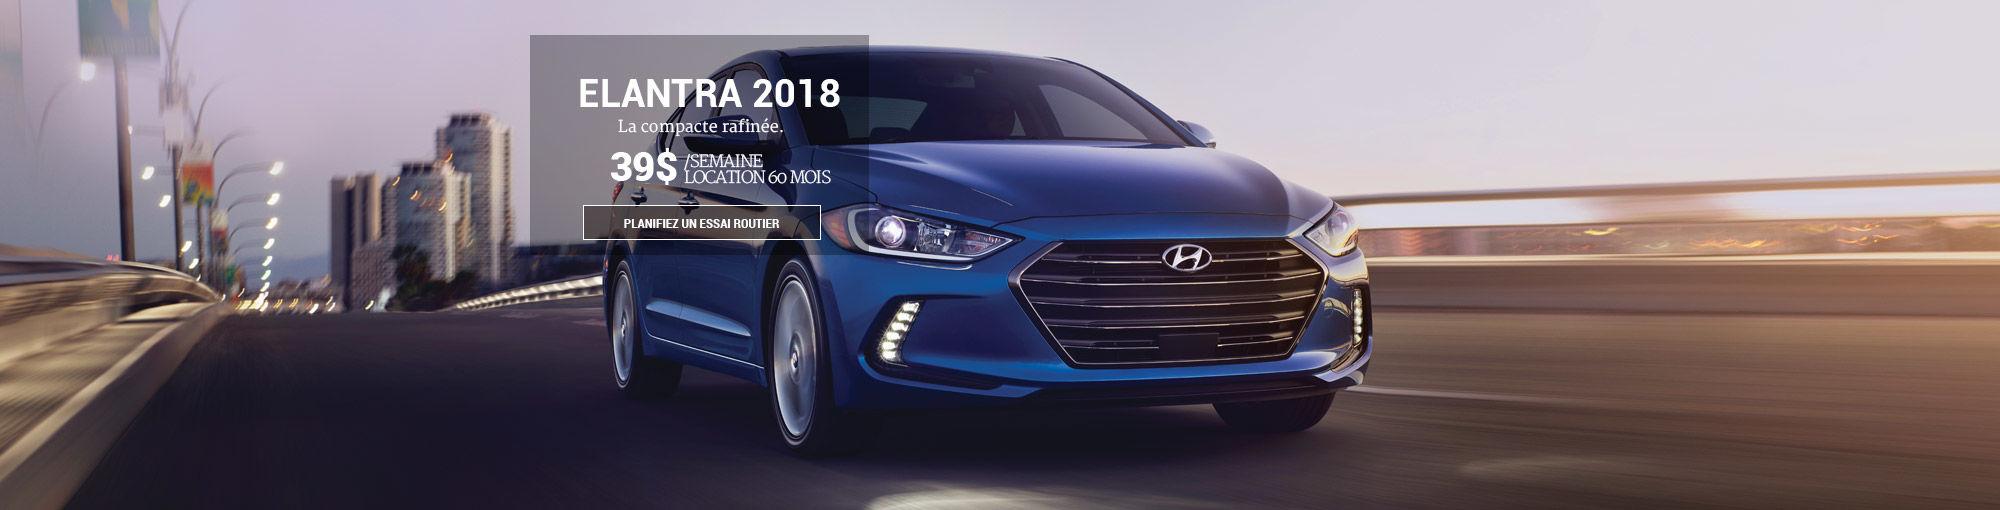 Hyundai elantra header 2018